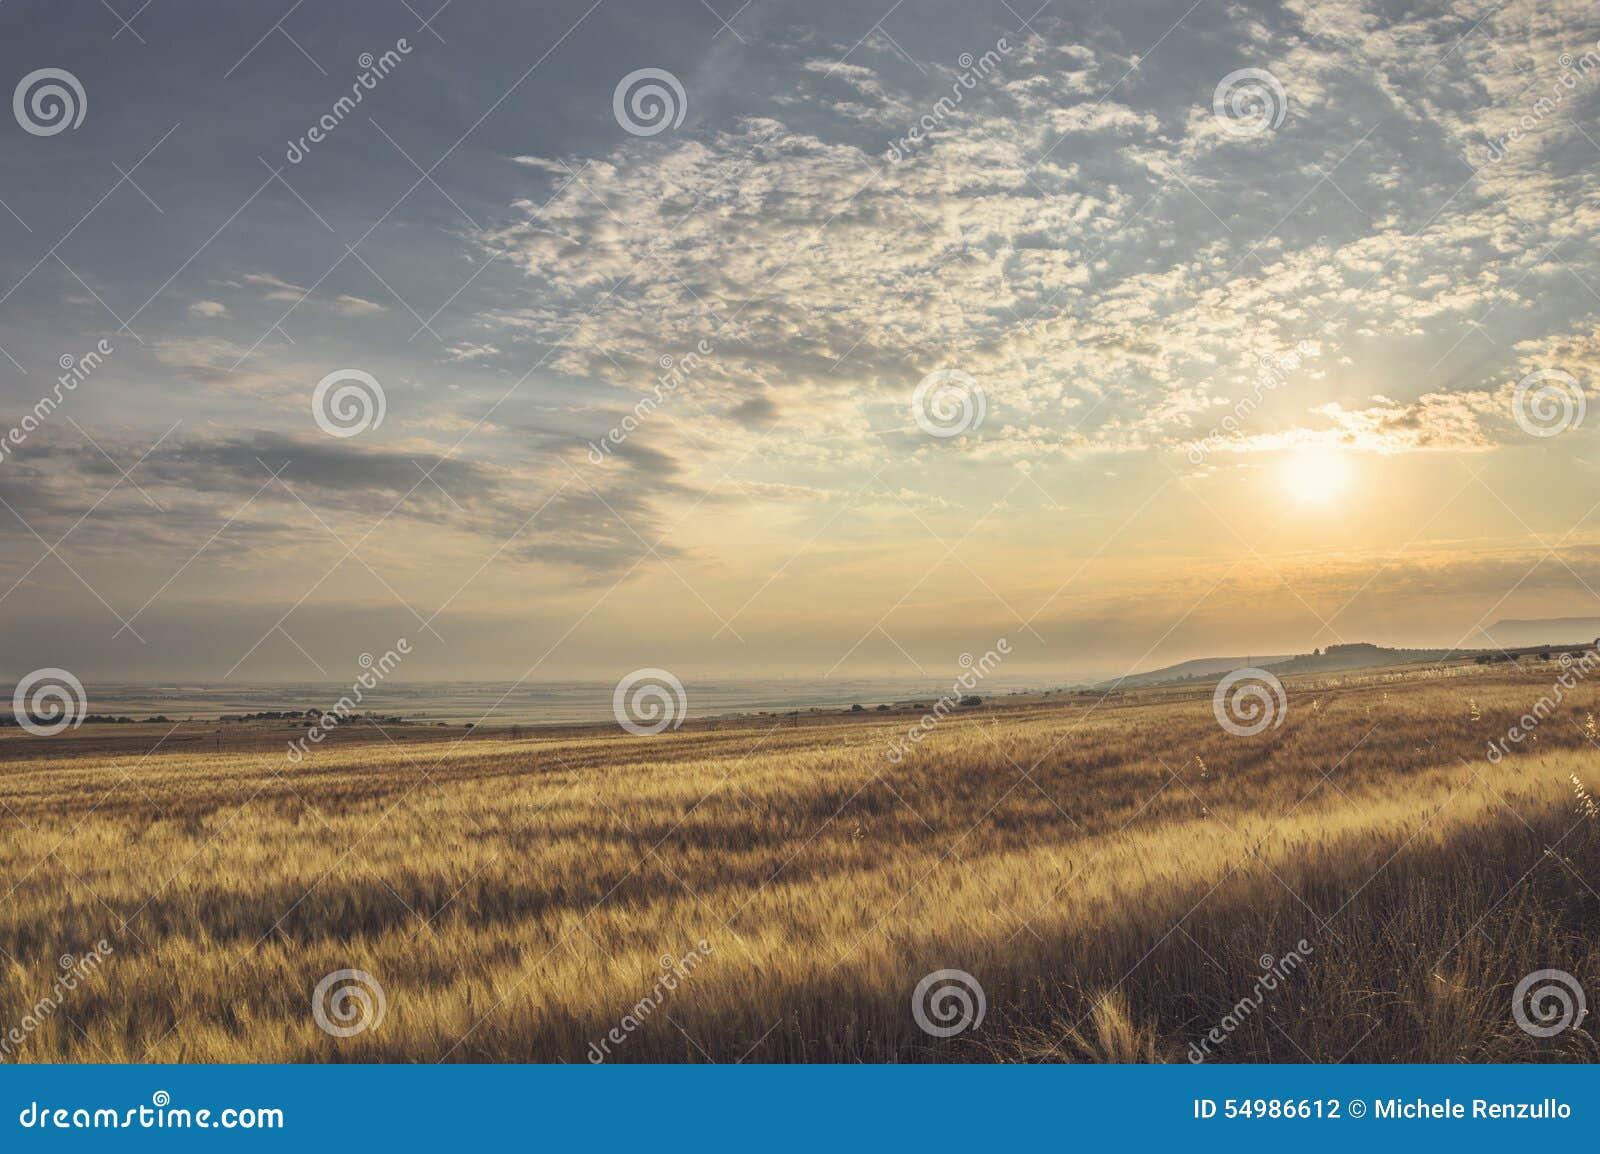 麦田的夏天风景